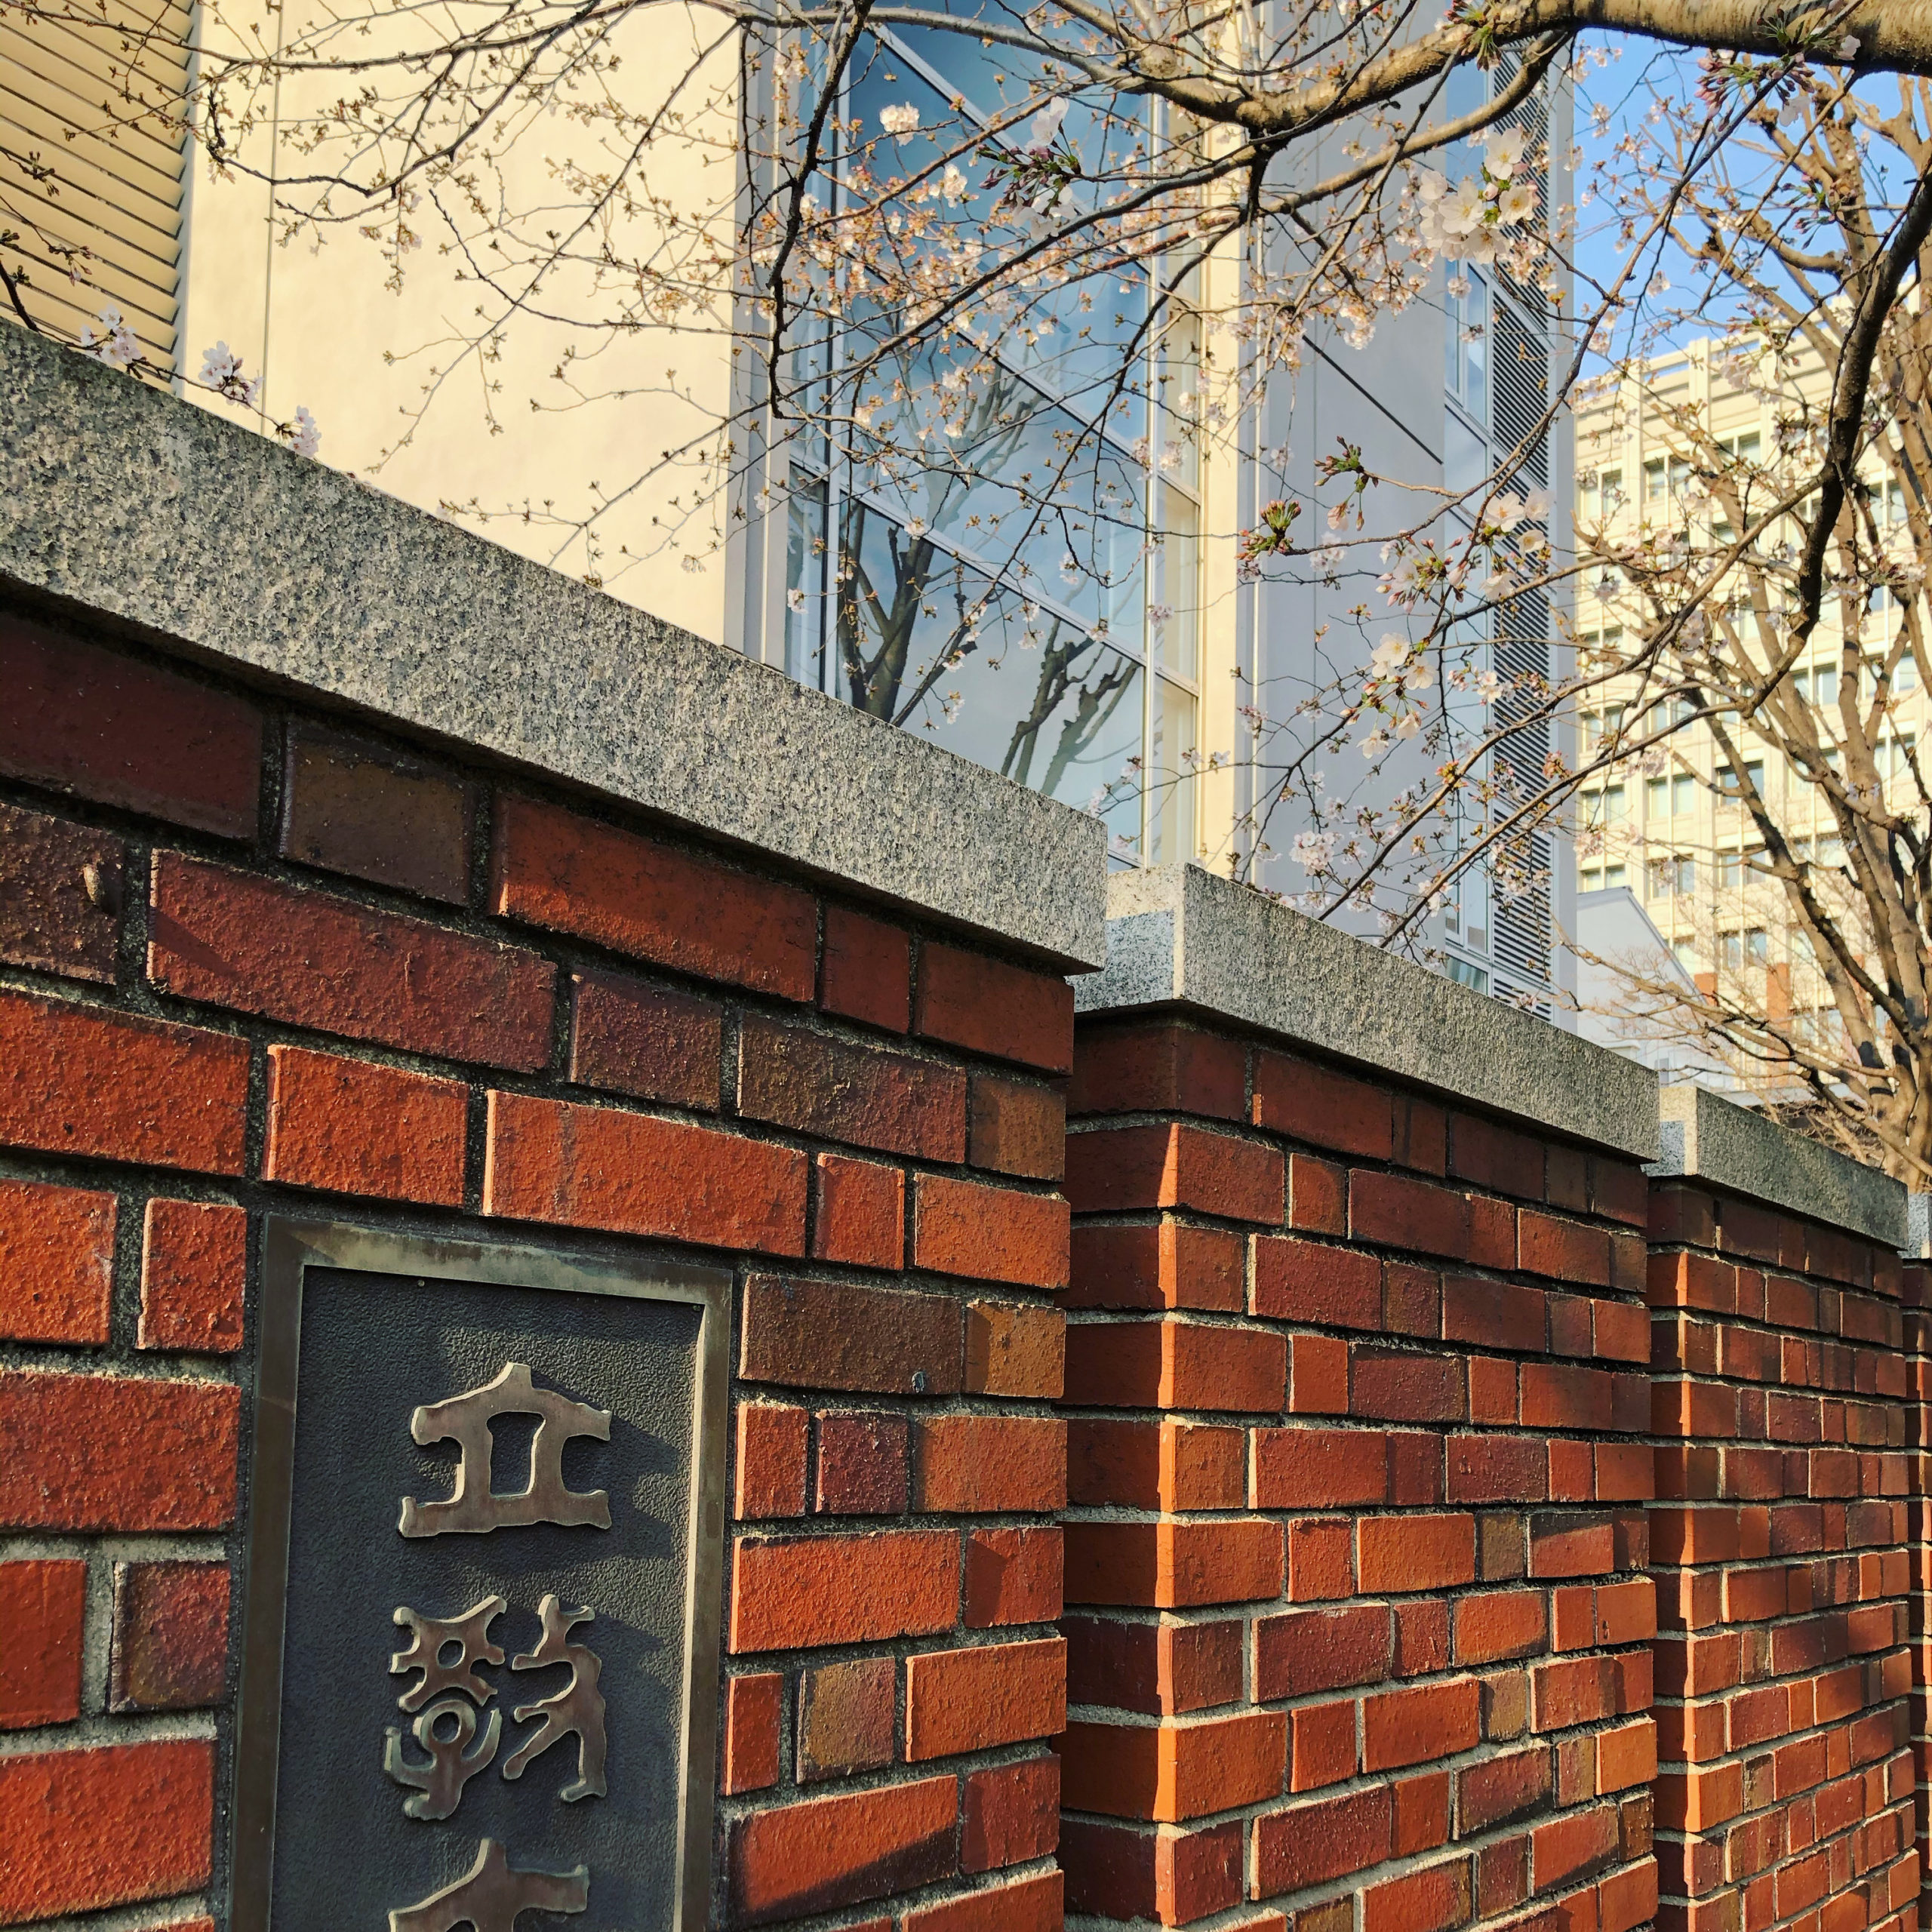 桜咲く大学キャンパス。卒業式がなくなって残念でありました。